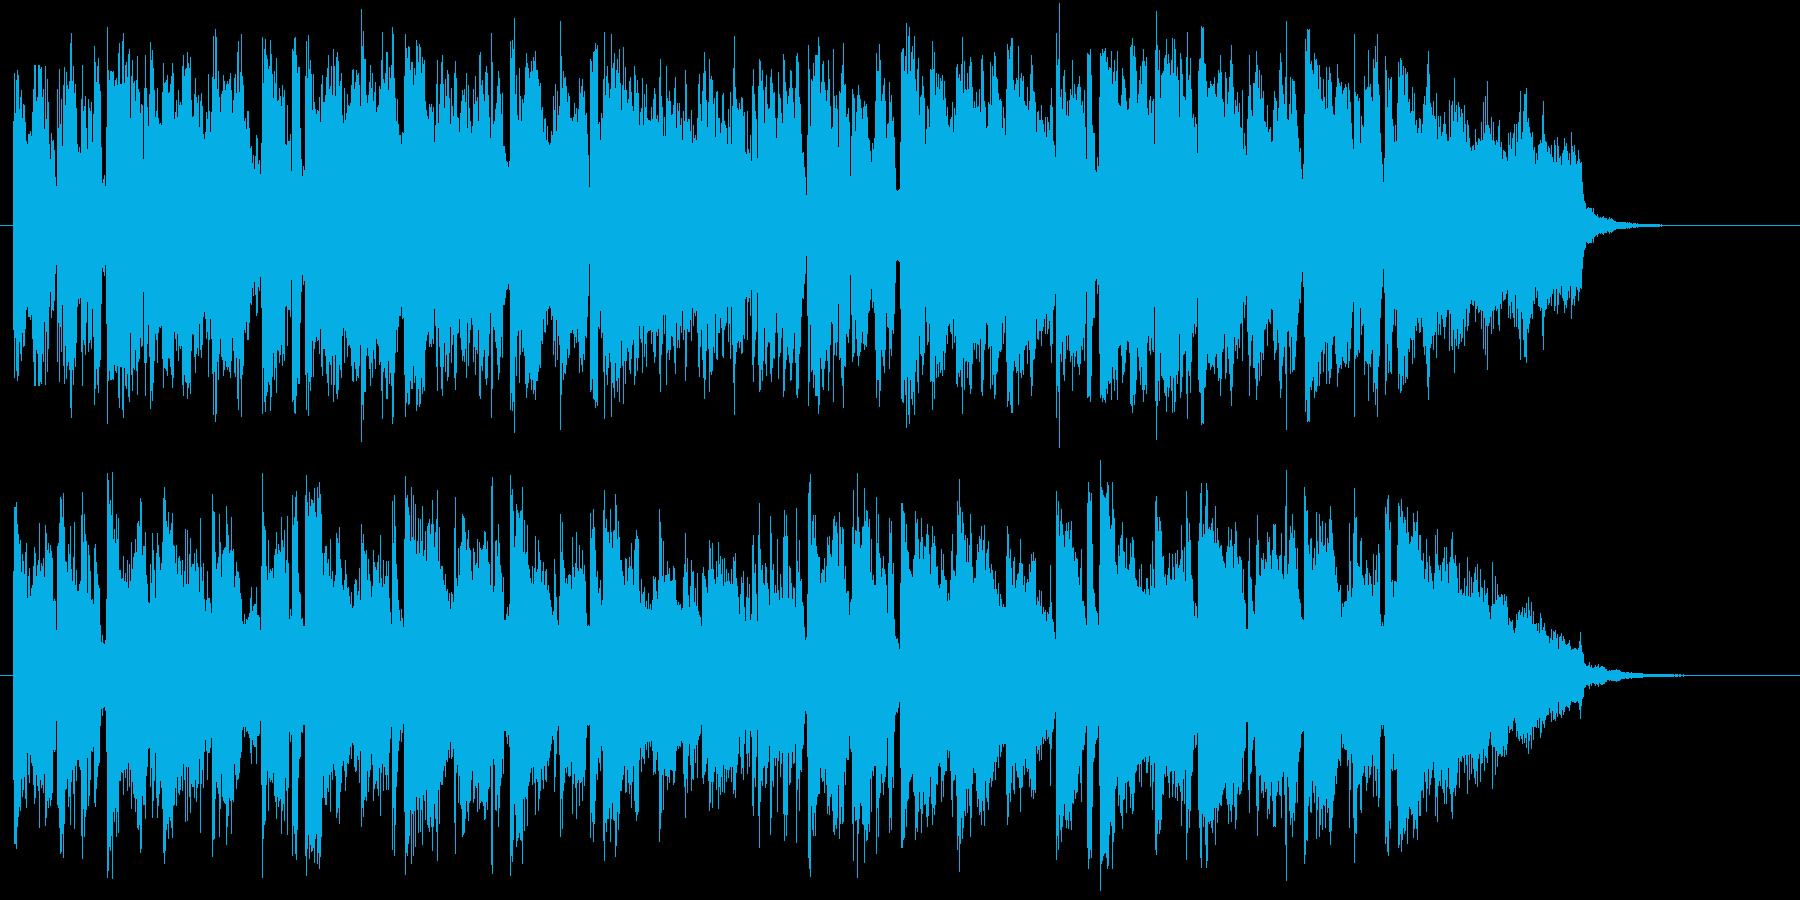 ニュースのオープニング シンセメロディーの再生済みの波形